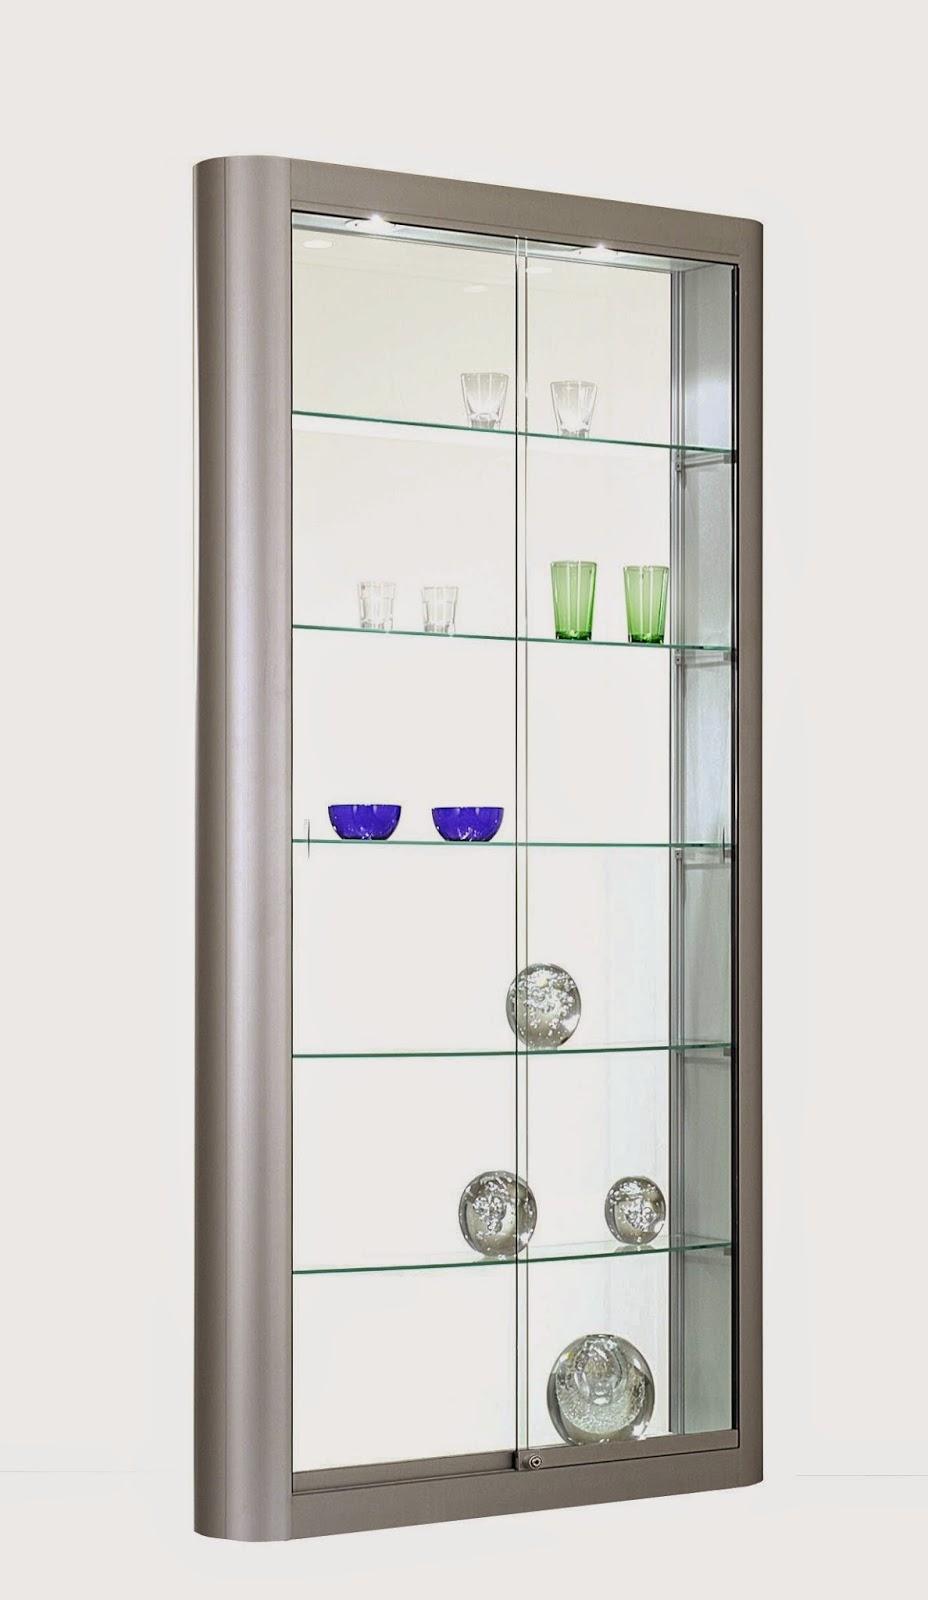 Kleine Glazen Vitrinekastjes.Glazen Vitrinekast Vitrine Masters